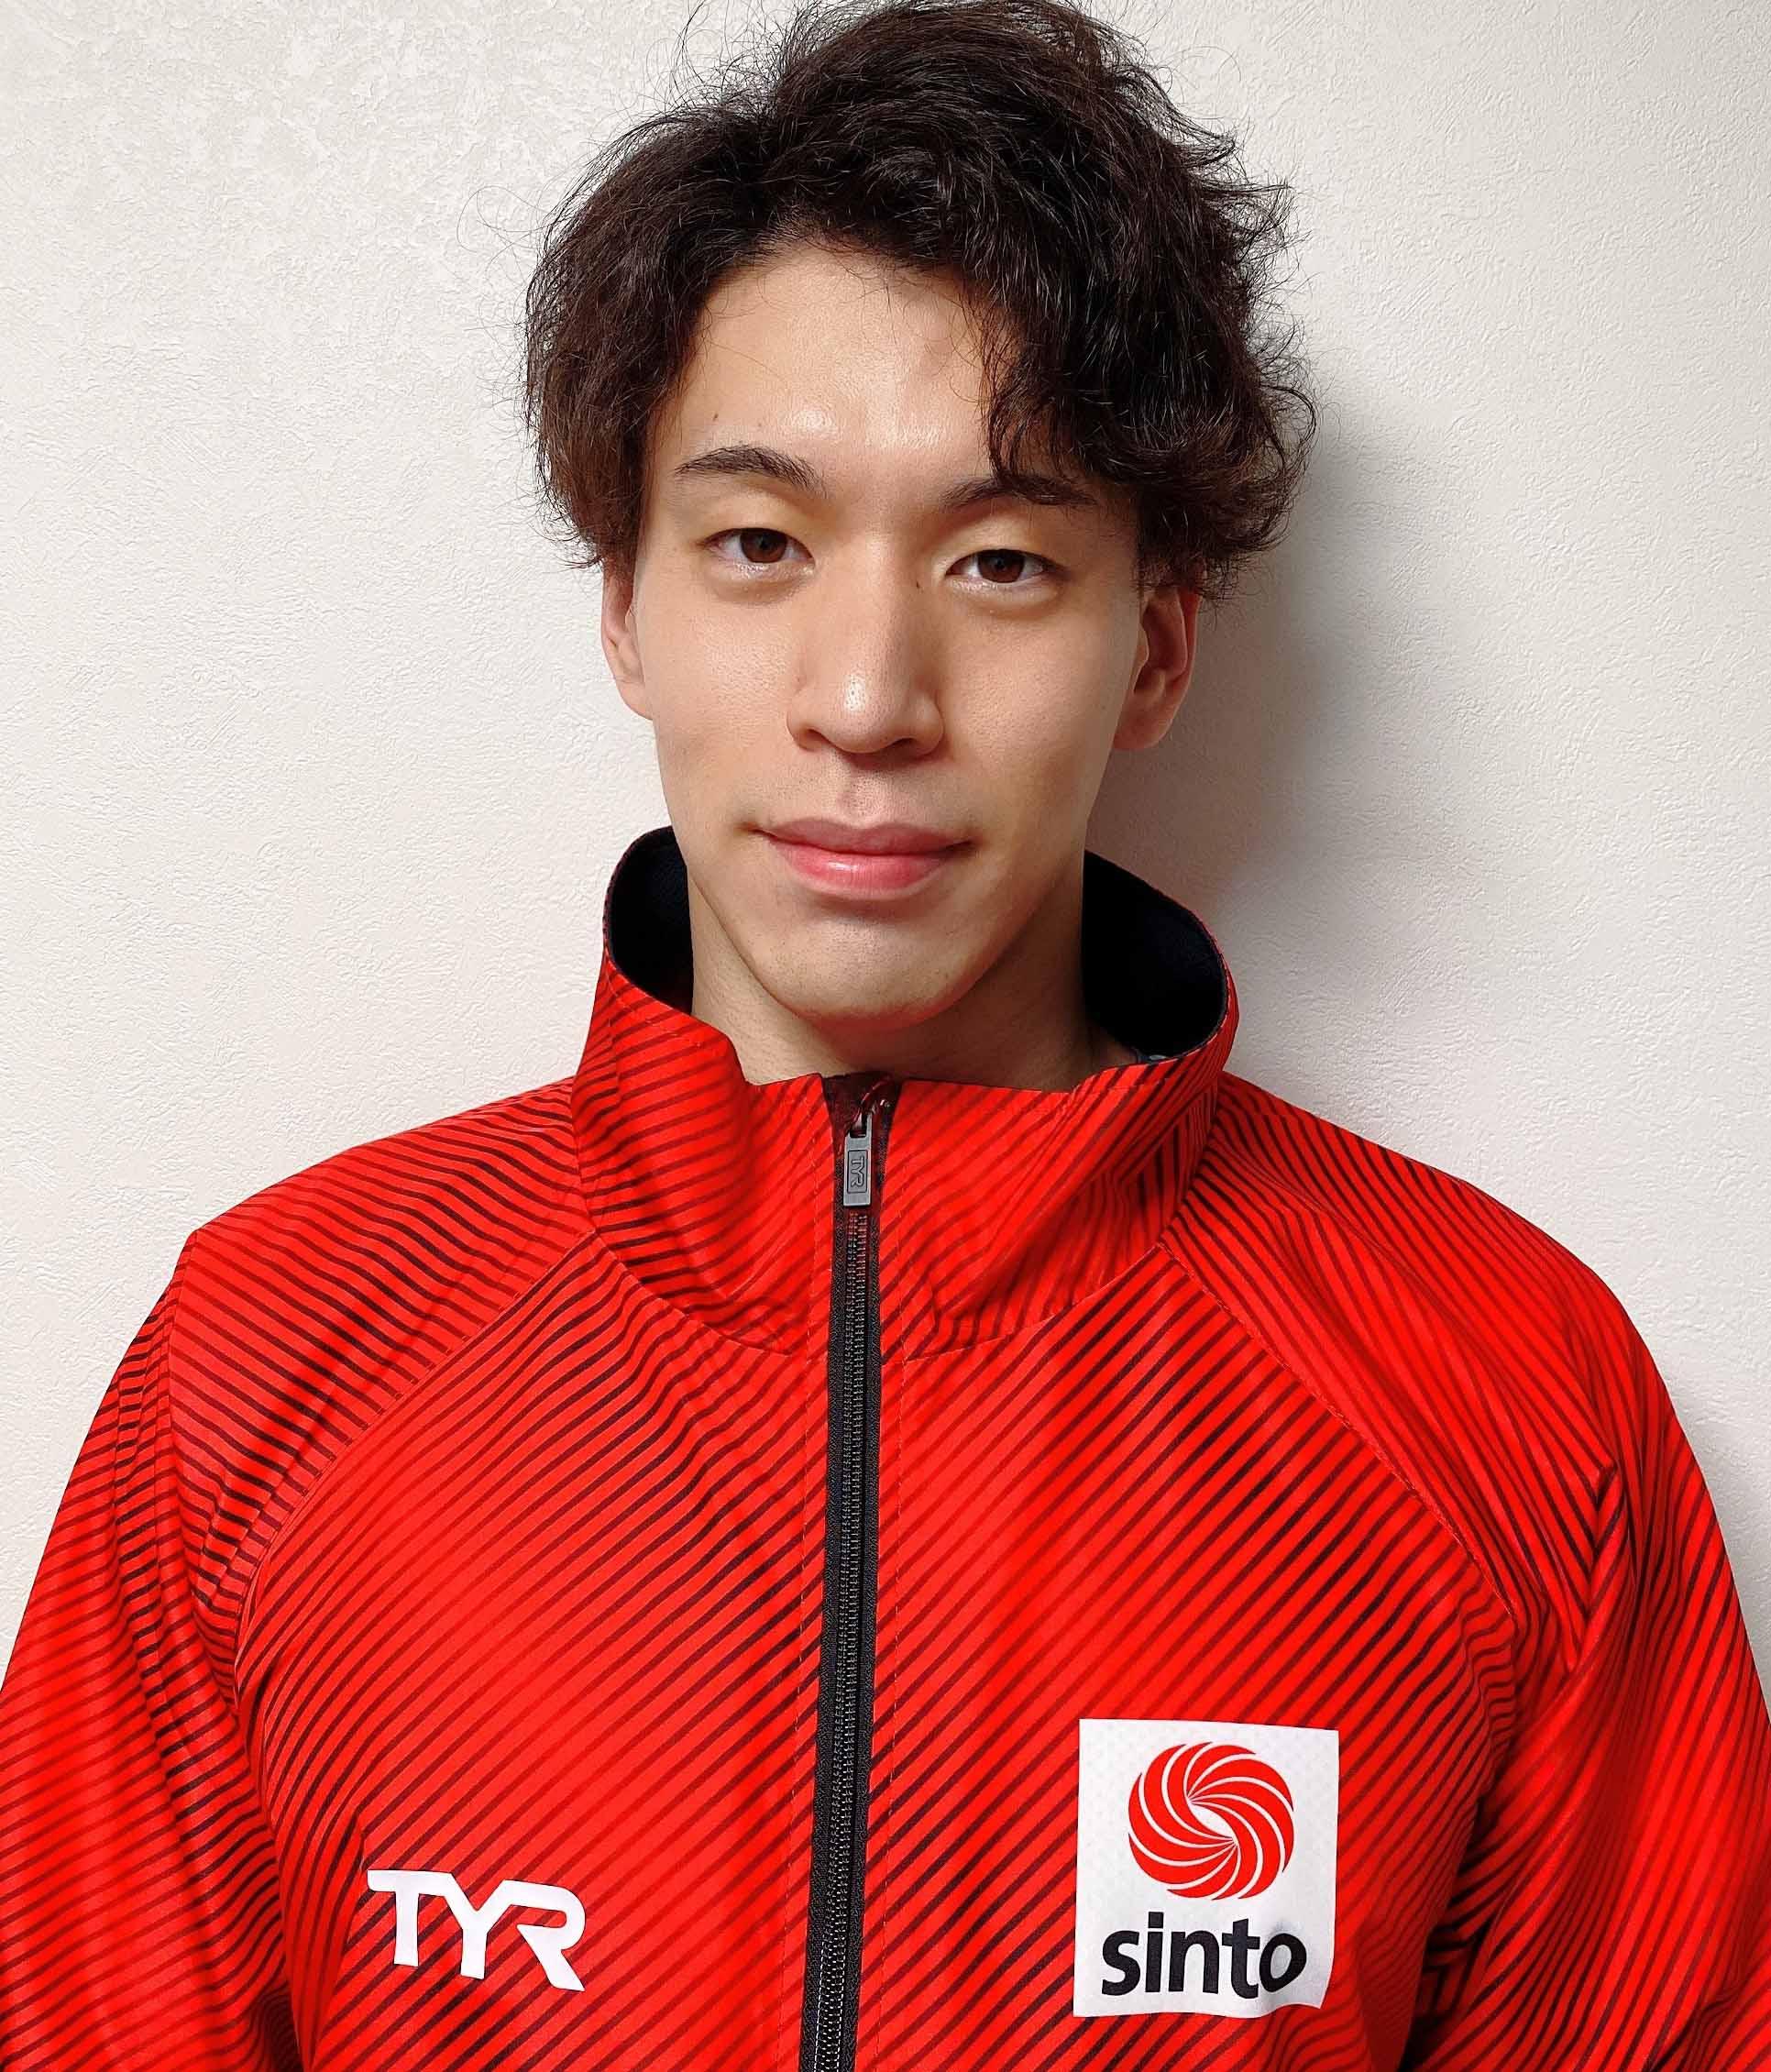 難波暉選手、第97回日本選手権水泳競技大会 男子100m自由形4位入賞、男子50m自由形準優勝のお知らせ